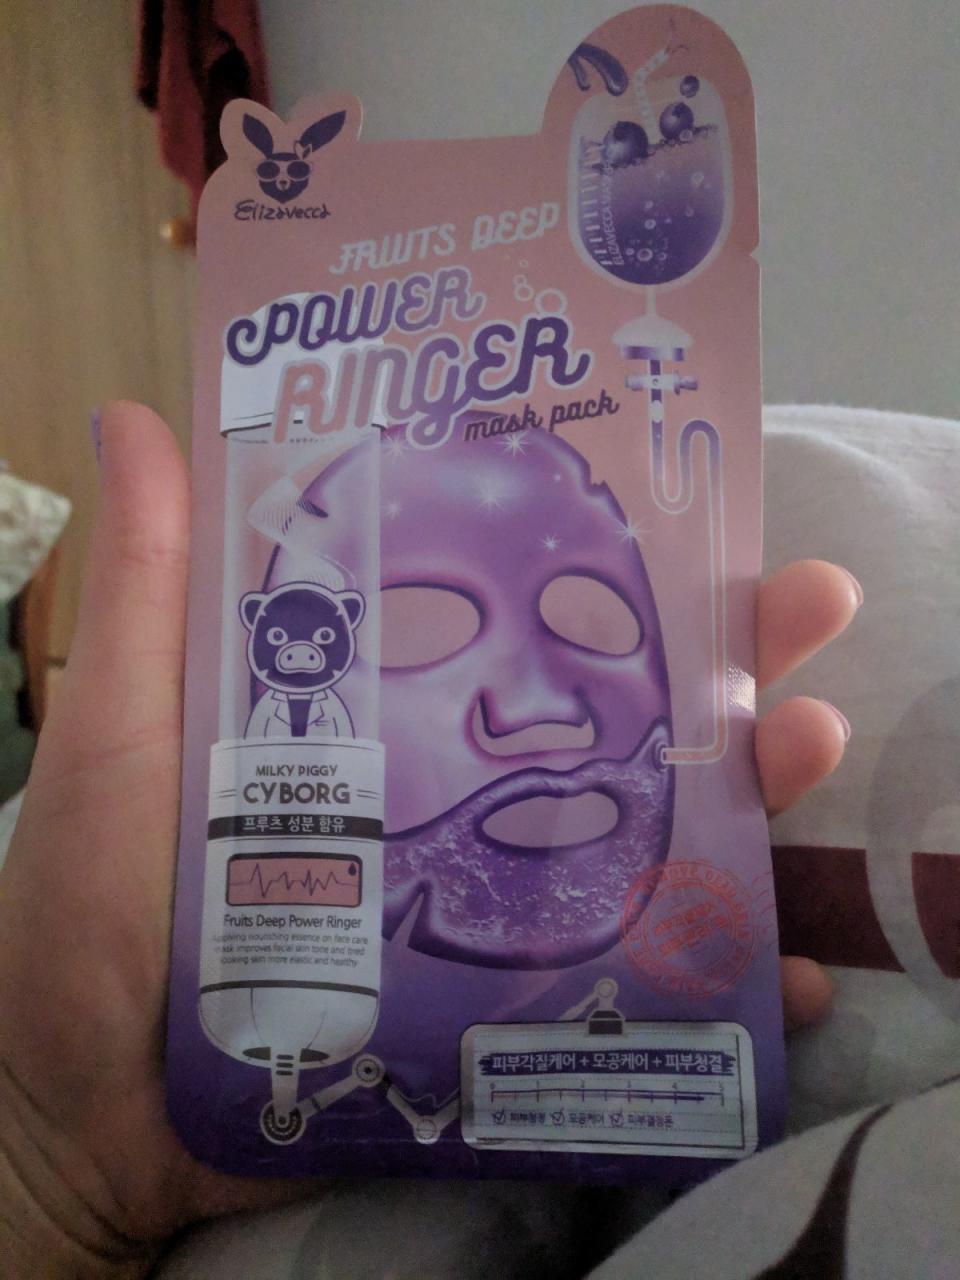 """Отзыв на товар: Успокаивающая тканевая маска для лица с фруктовыми экстрактами """"Fruits Deep Mask Pack"""". Elizavecca. Вид 1 от 1617938107"""